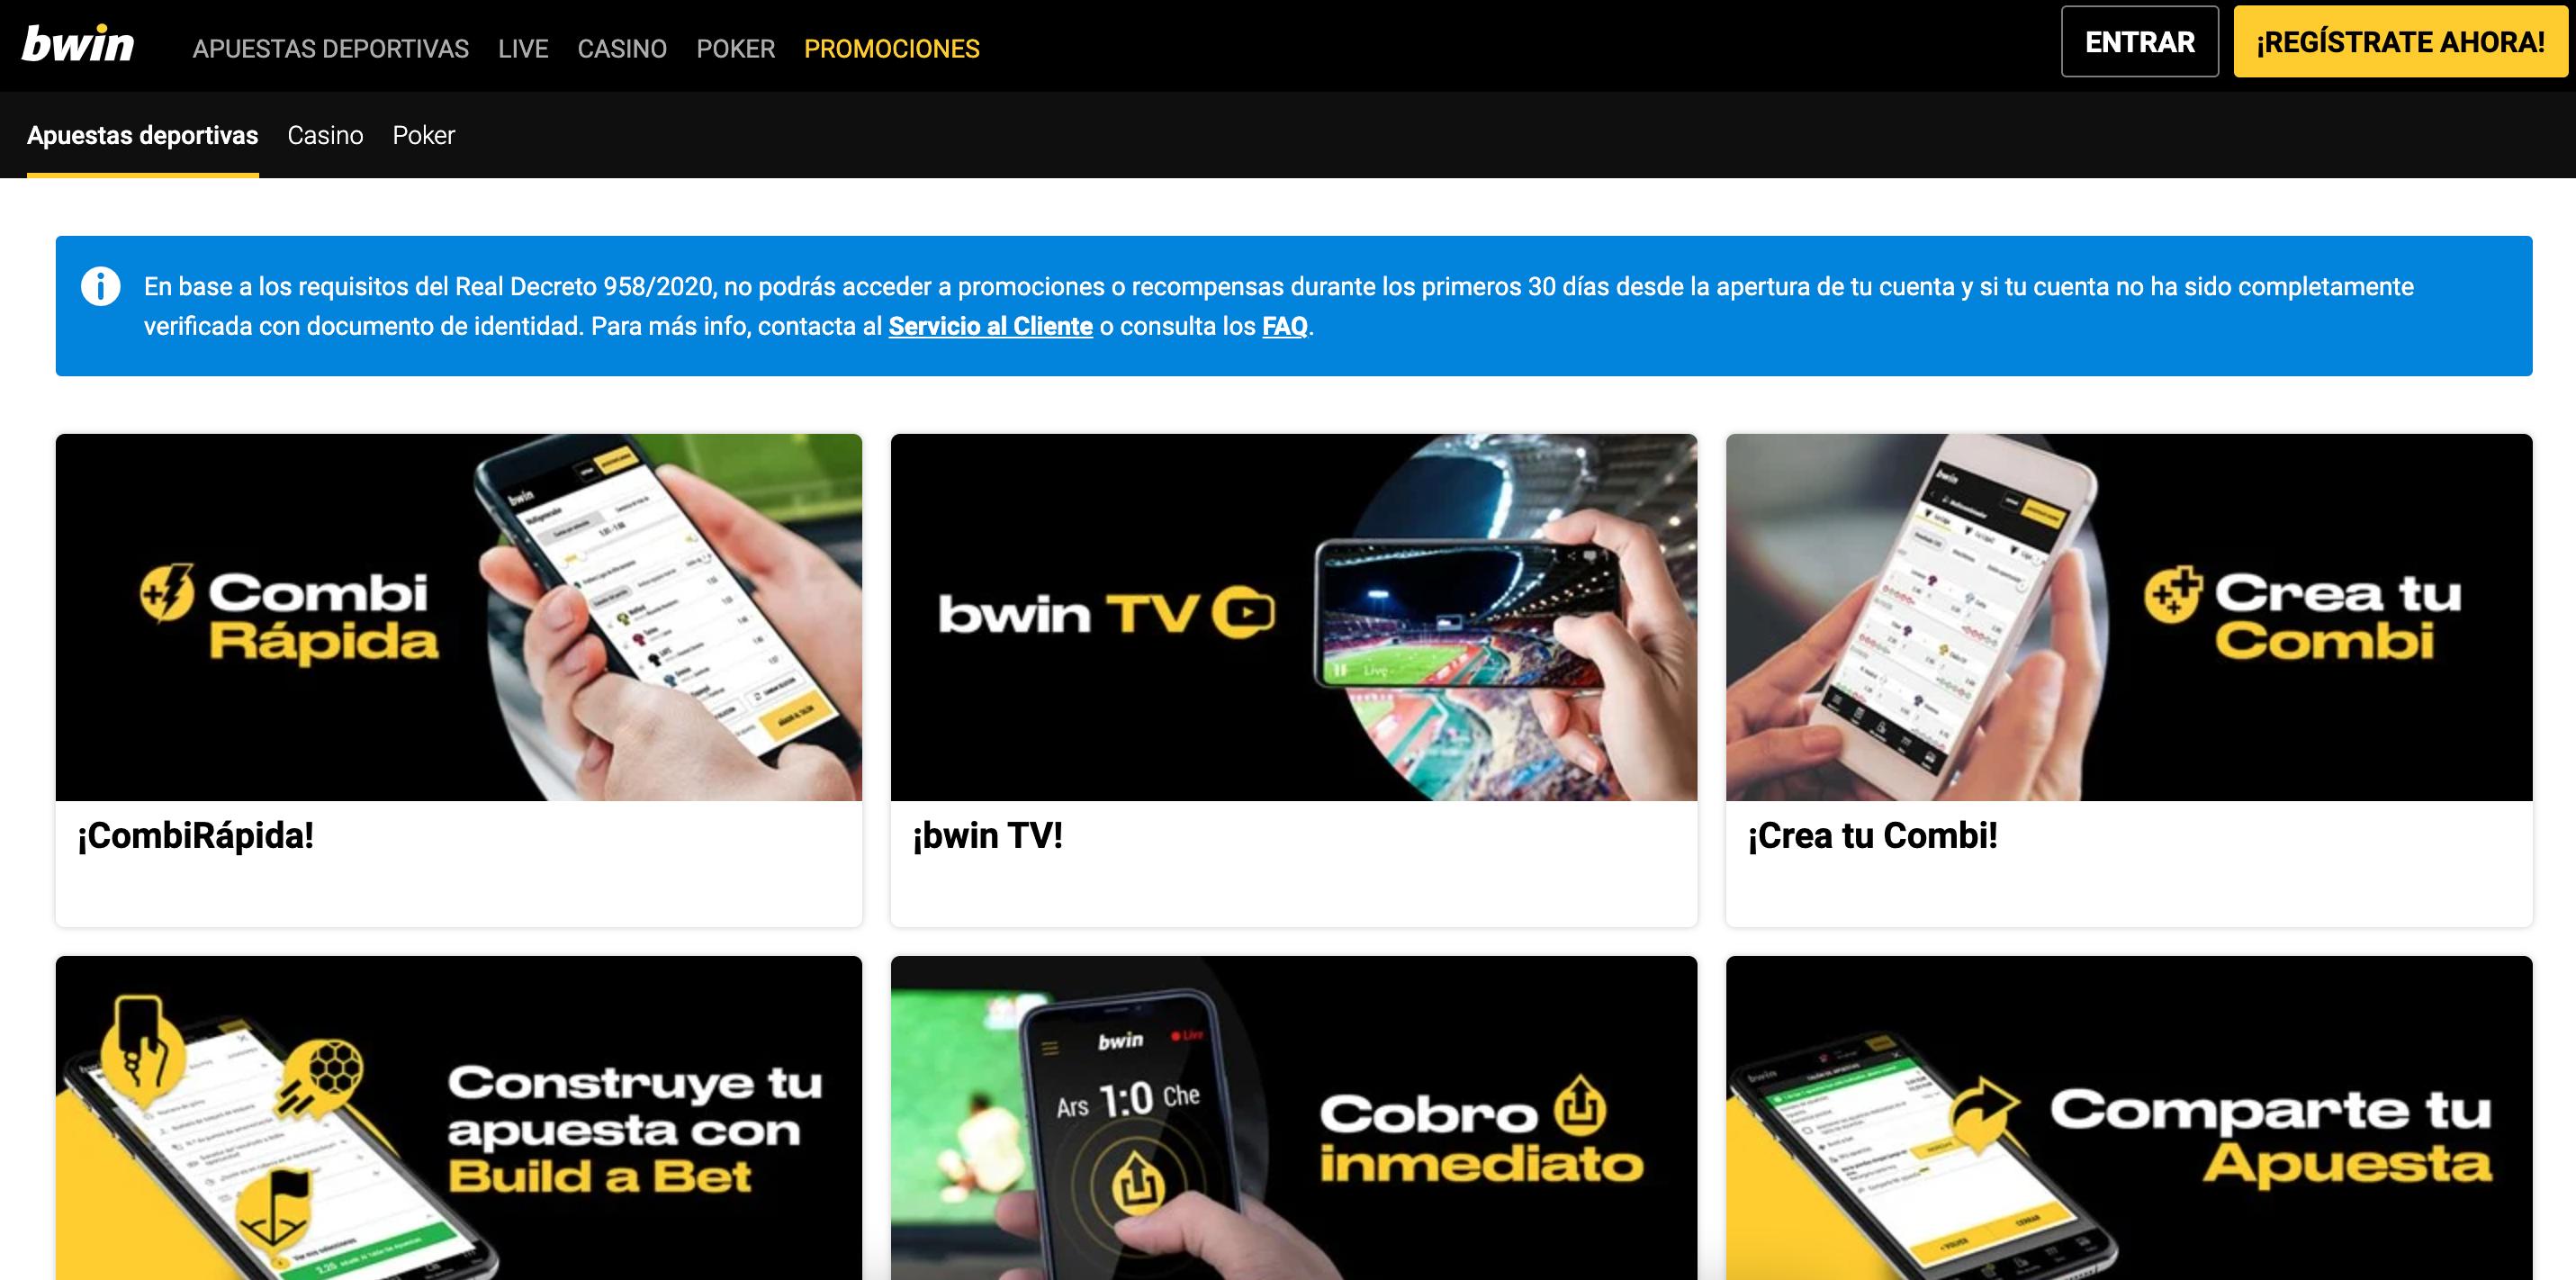 bwin main page